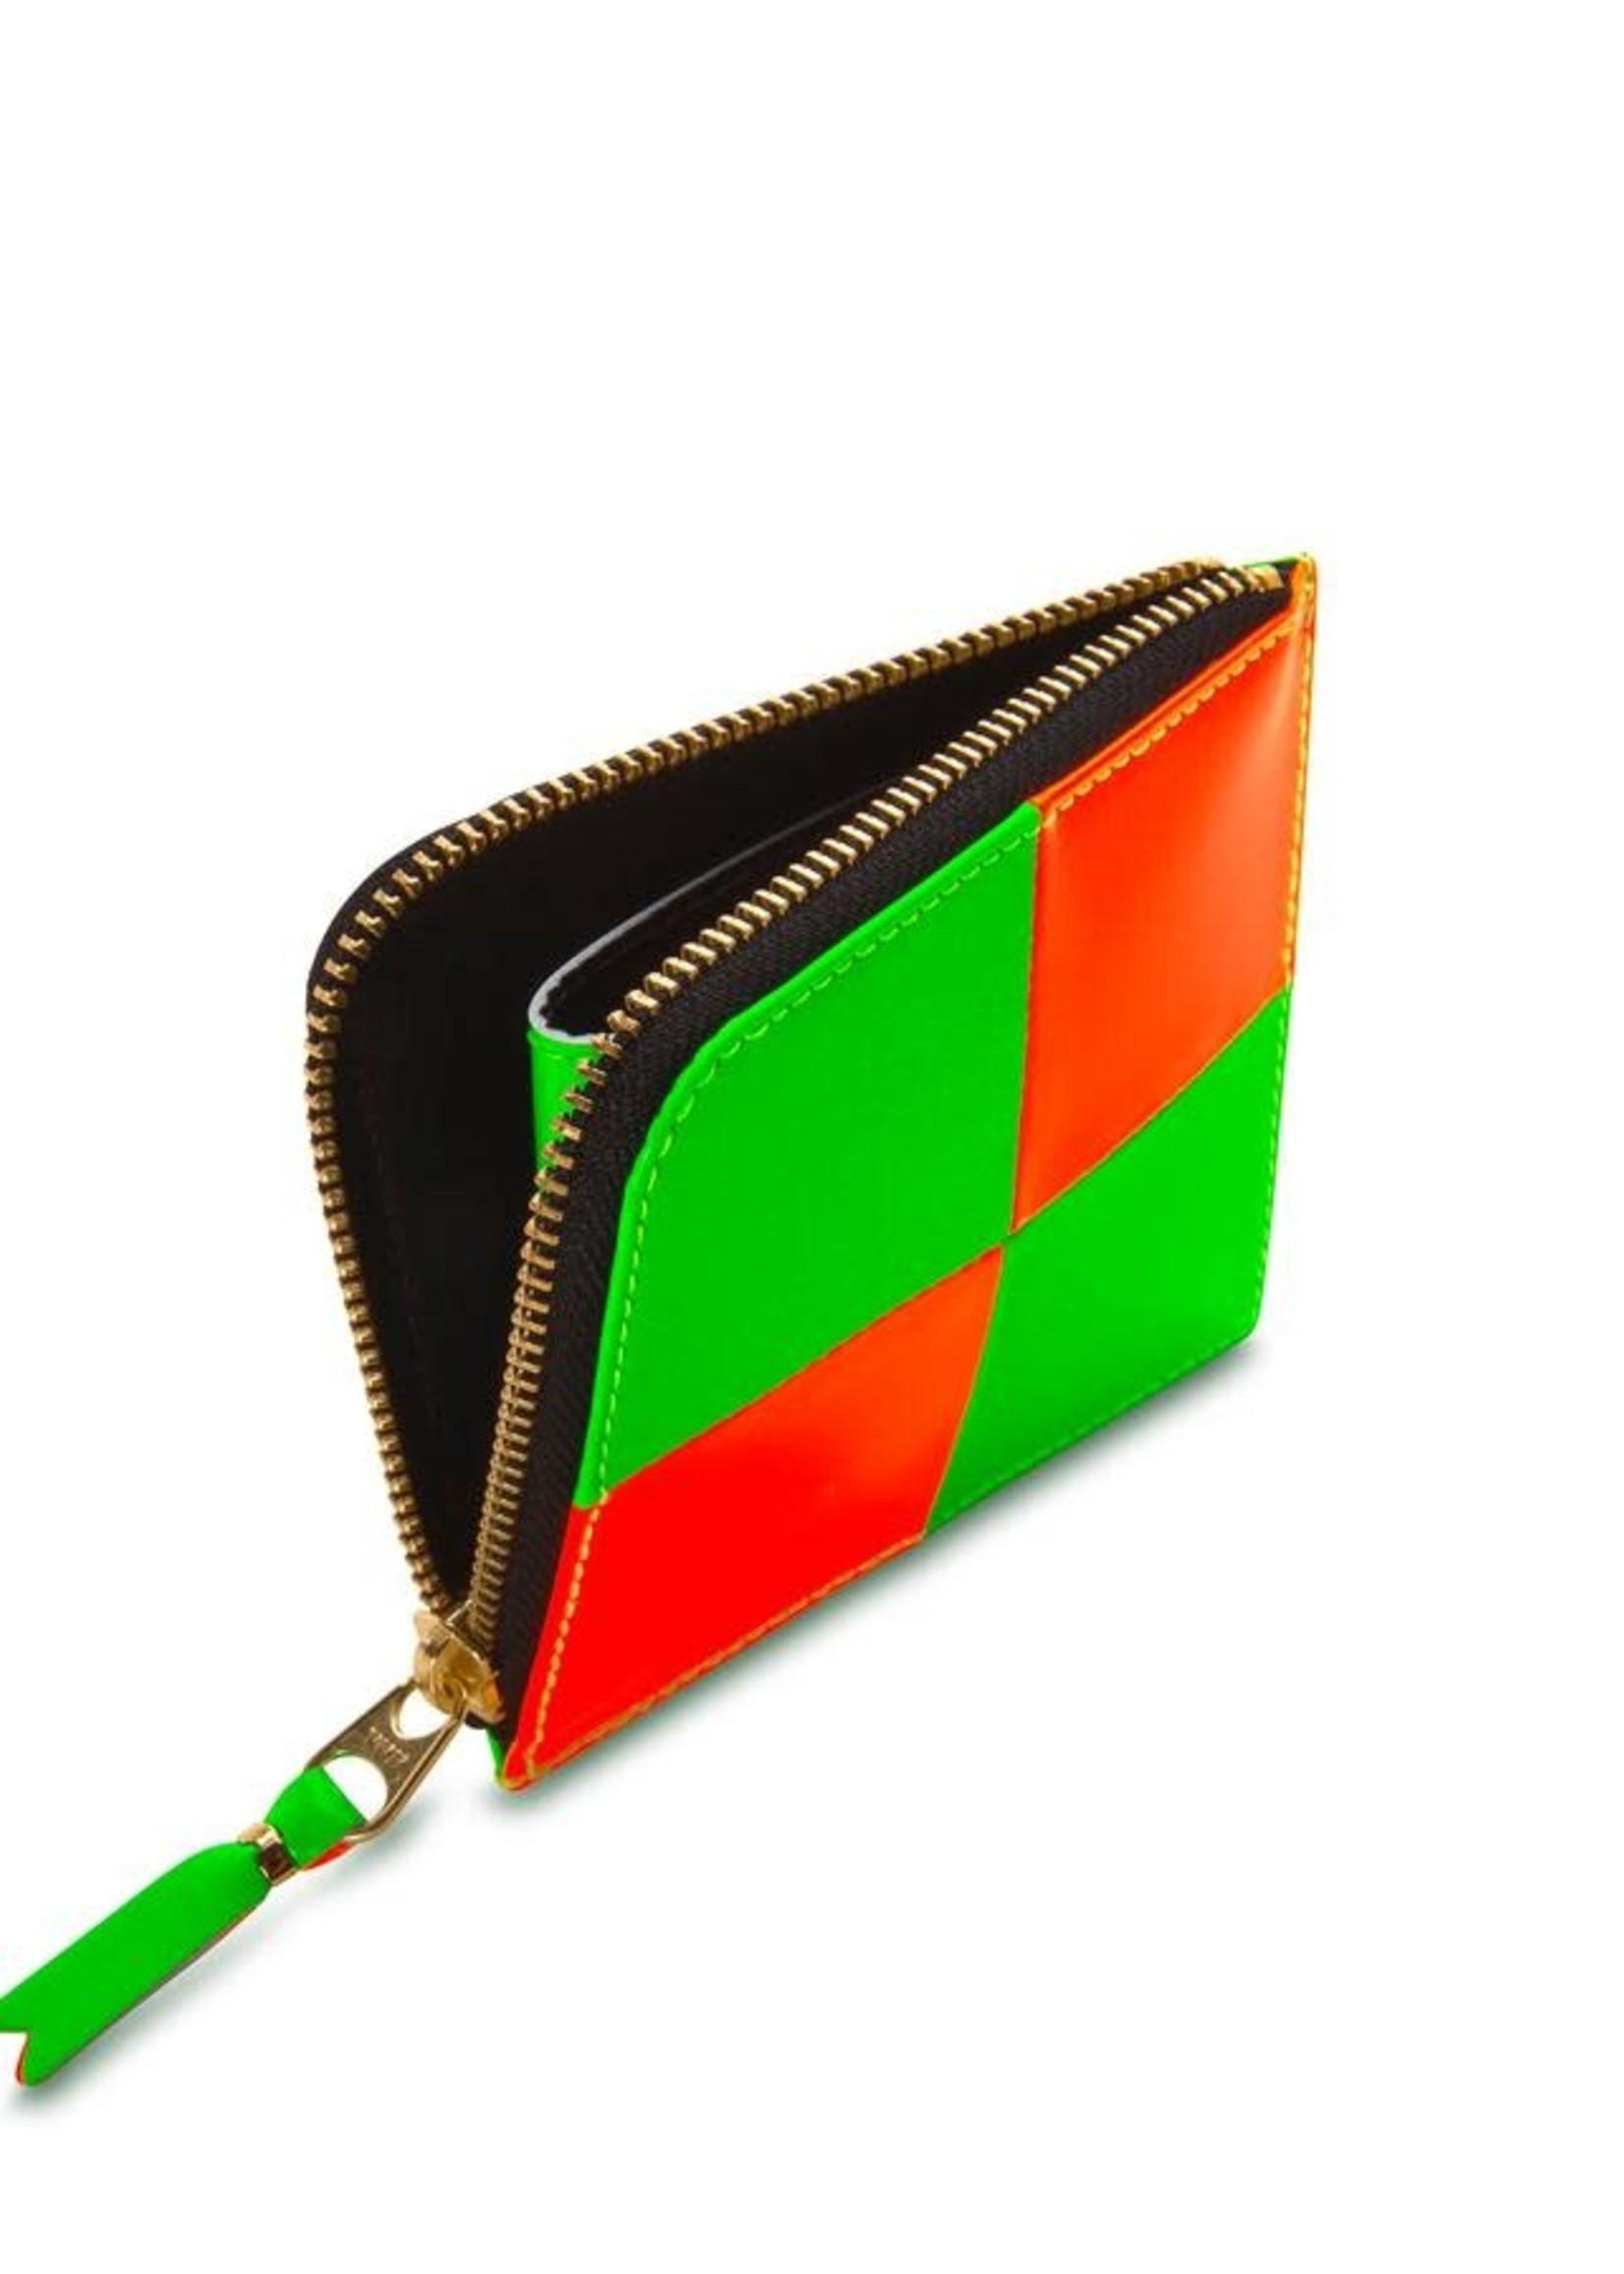 COMME des GARÇONS WALLET 1/2 Zip Neon Checkerboard Wallet